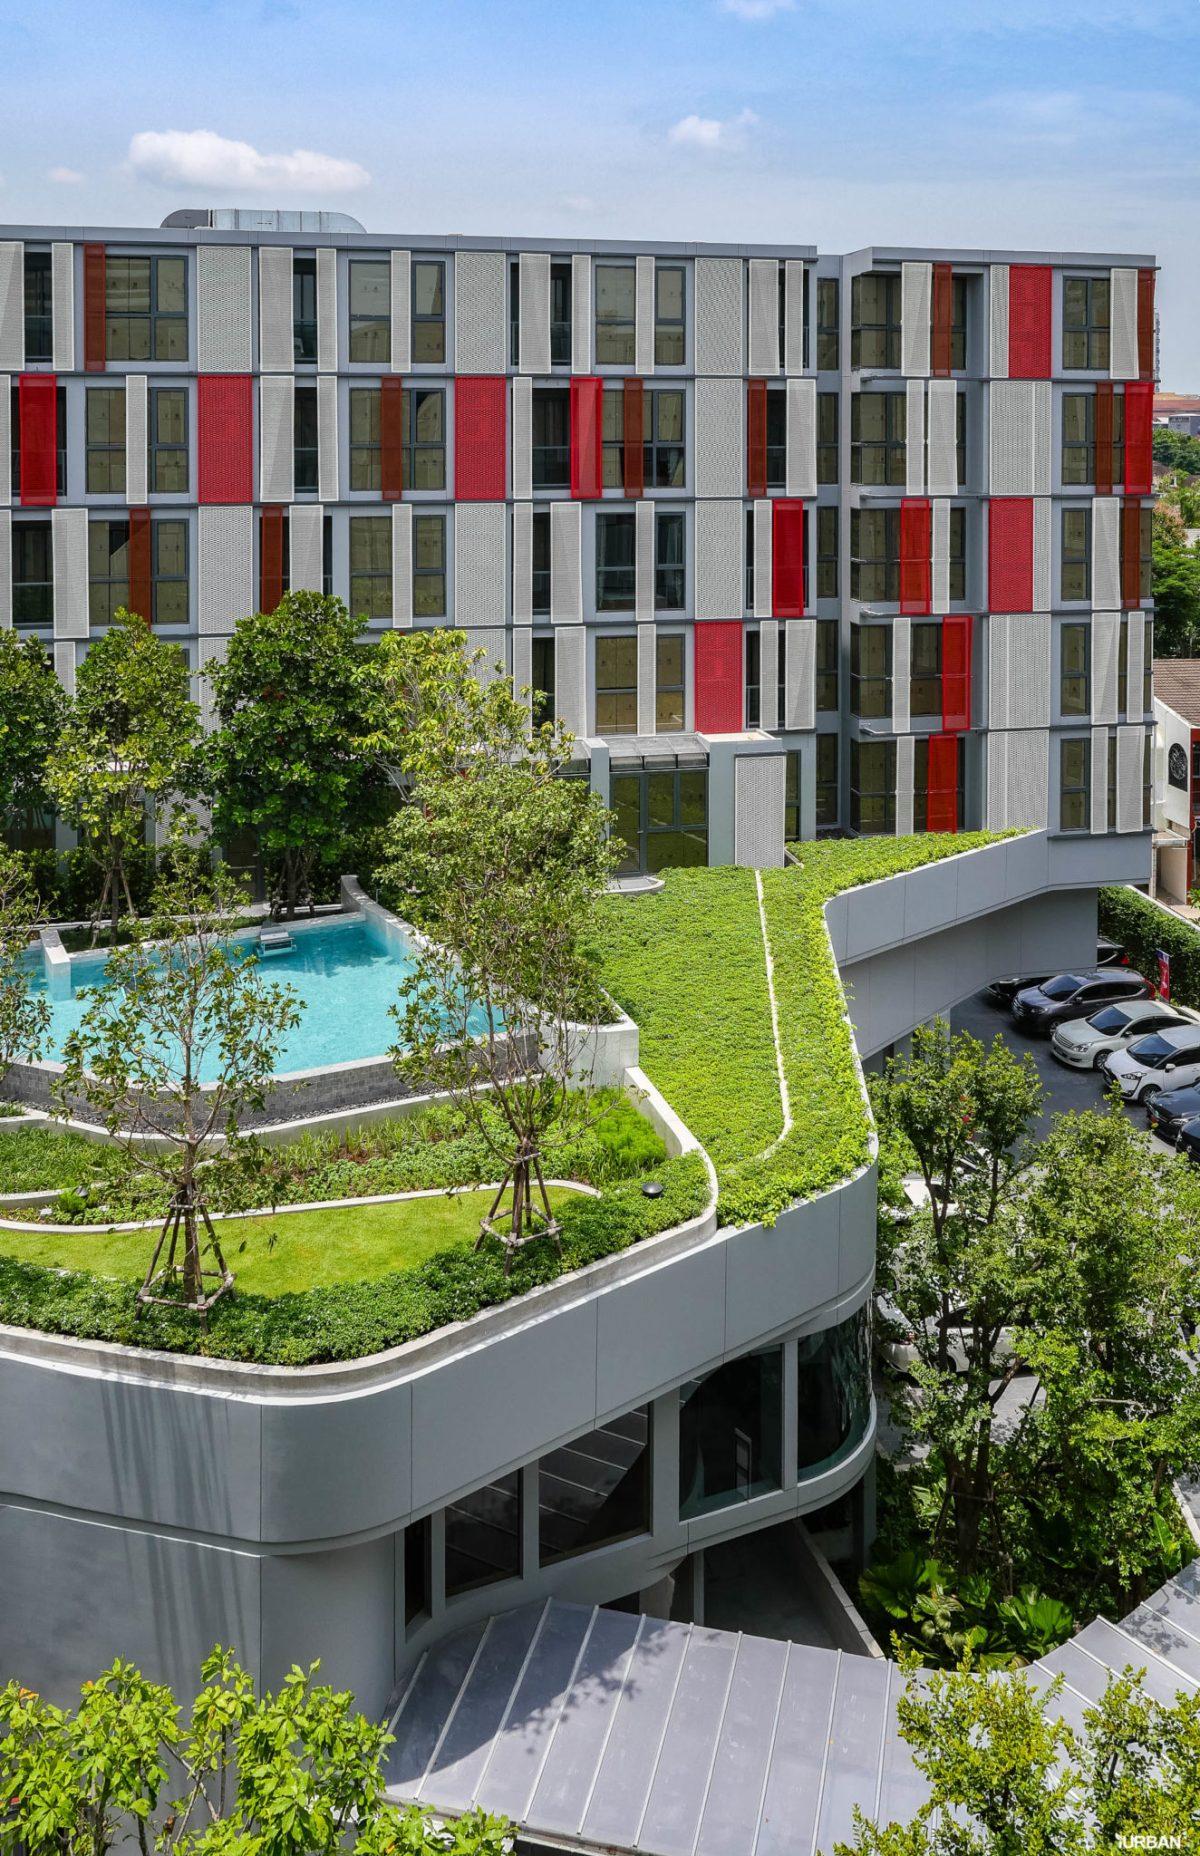 """""""ทากะ เฮาส์"""" (STAY UNIQUE, STAY DIVERSE) ตอบโจทย์การใช้ชีวิตที่ปรับเปลี่ยนได้ในแบบที่เป็นคุณ 23 - Condominium"""